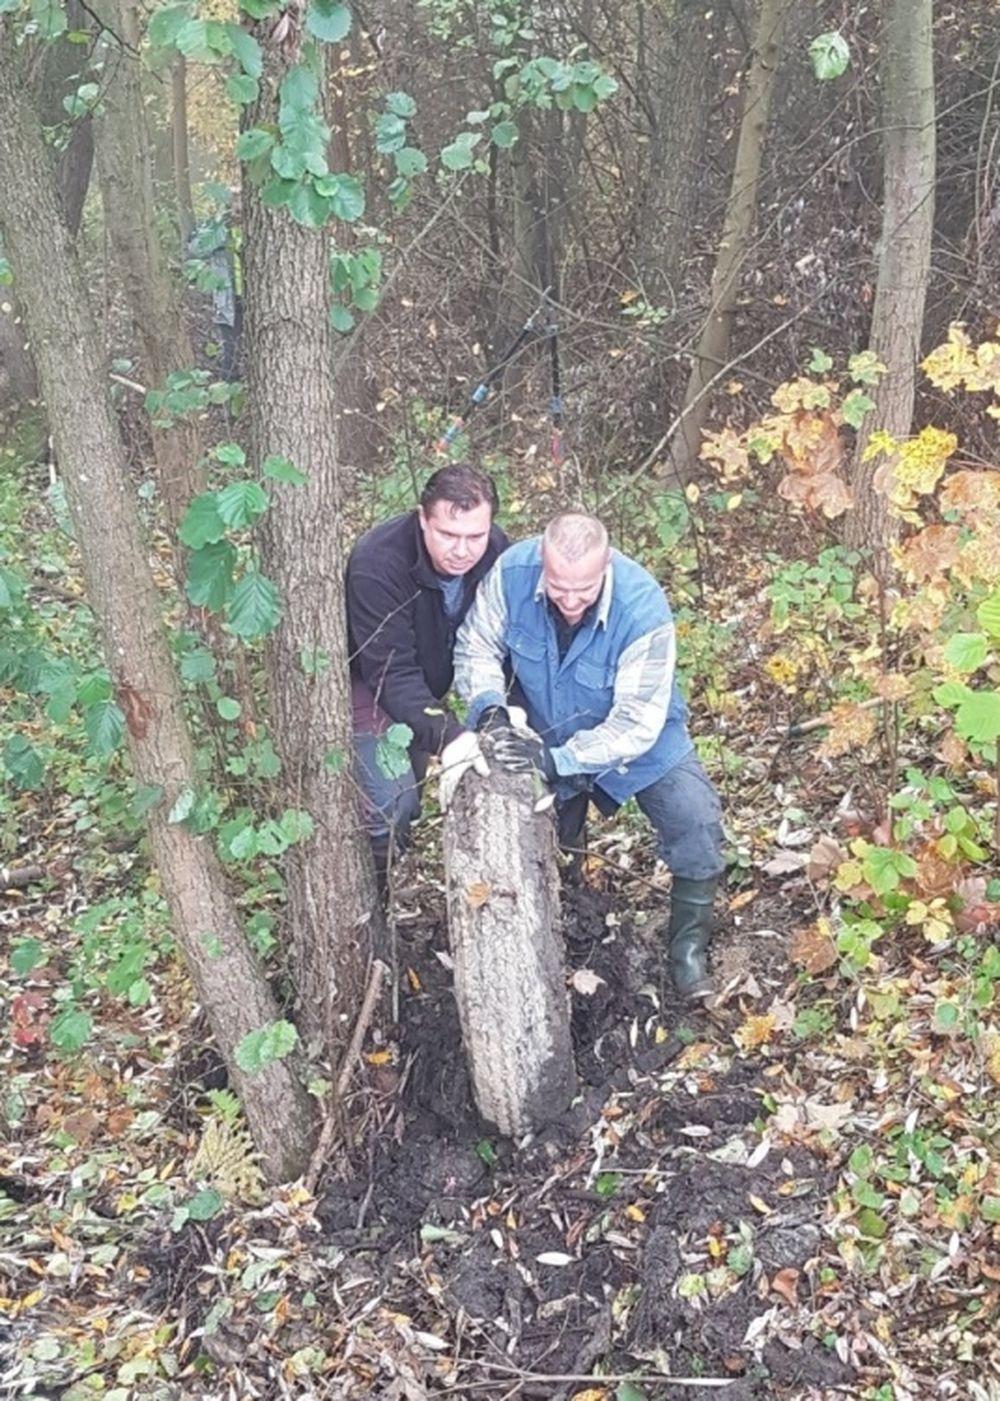 FOTO: Dobrovoľníci opäť vyčistili Čížov jarok v žilinskom lesoparku, foto 9